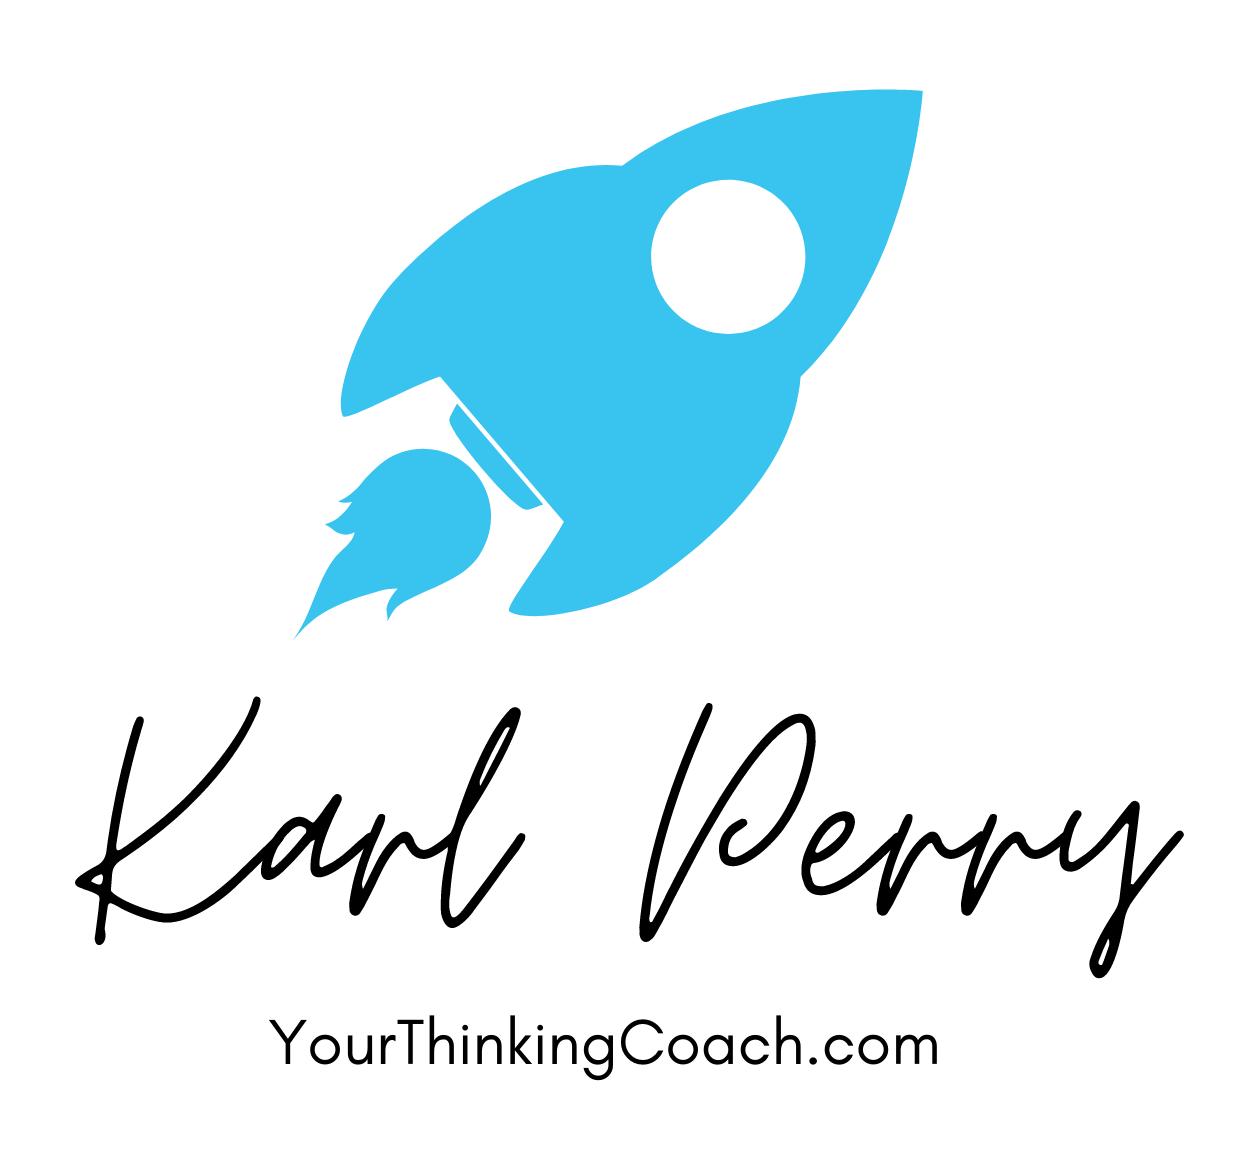 YourThinkingCoach.com